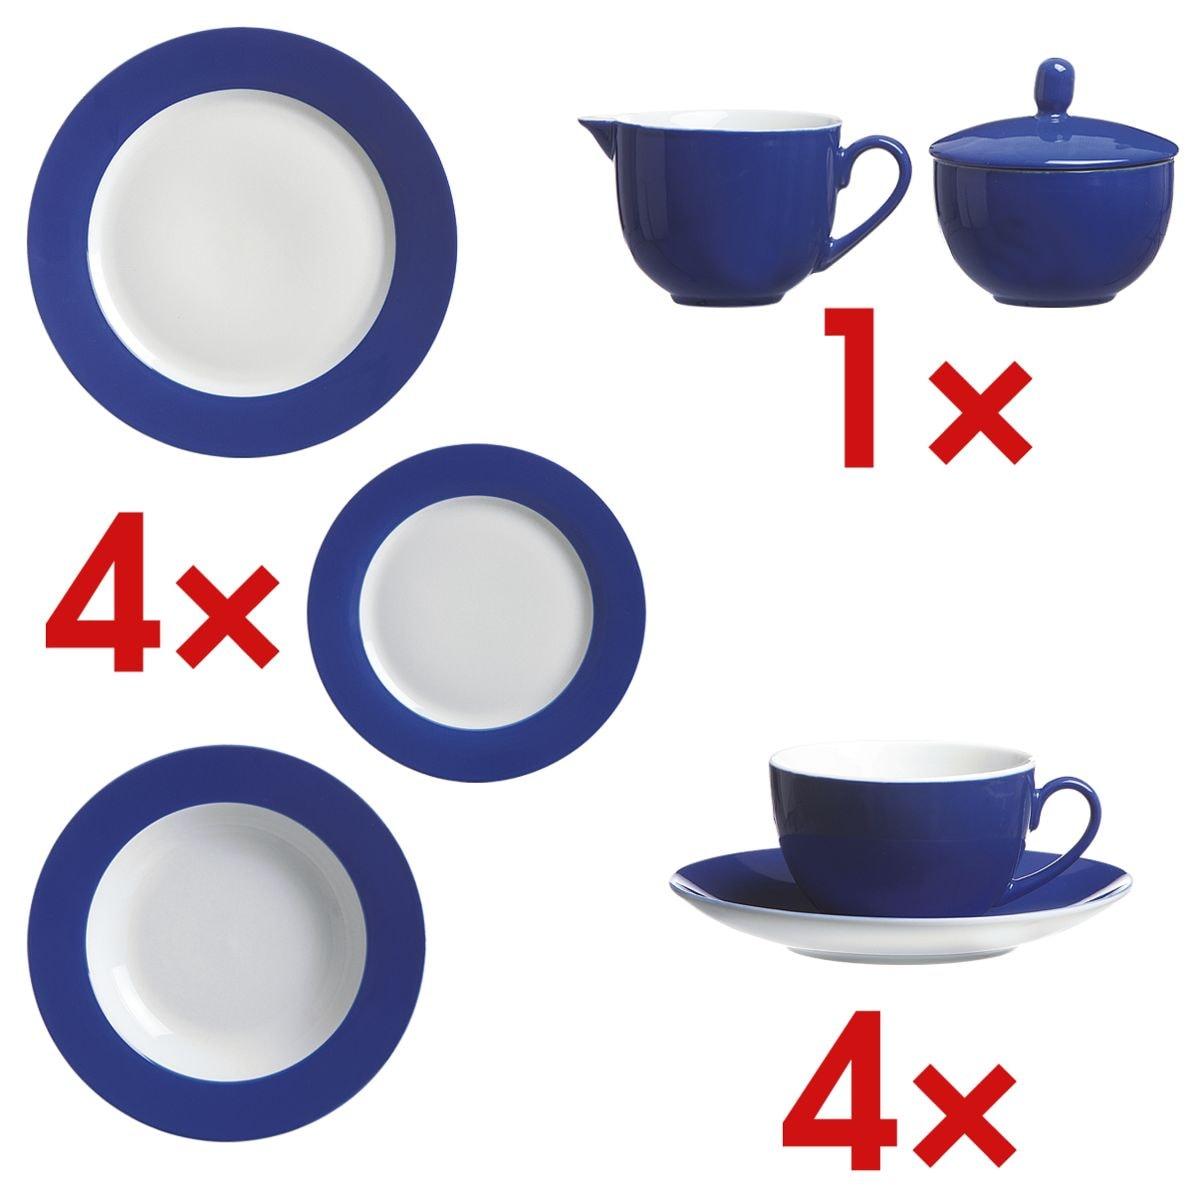 Ritzenhoff & Breker Tafelservice-Set »Doppio«, bestehend aus: 4 Speisetellern, 4 Kaffeetassen inkl. 4 Untertassen, 4 Desserttellern, 4 Suppentellern, Zuckerdose und Milchgießer